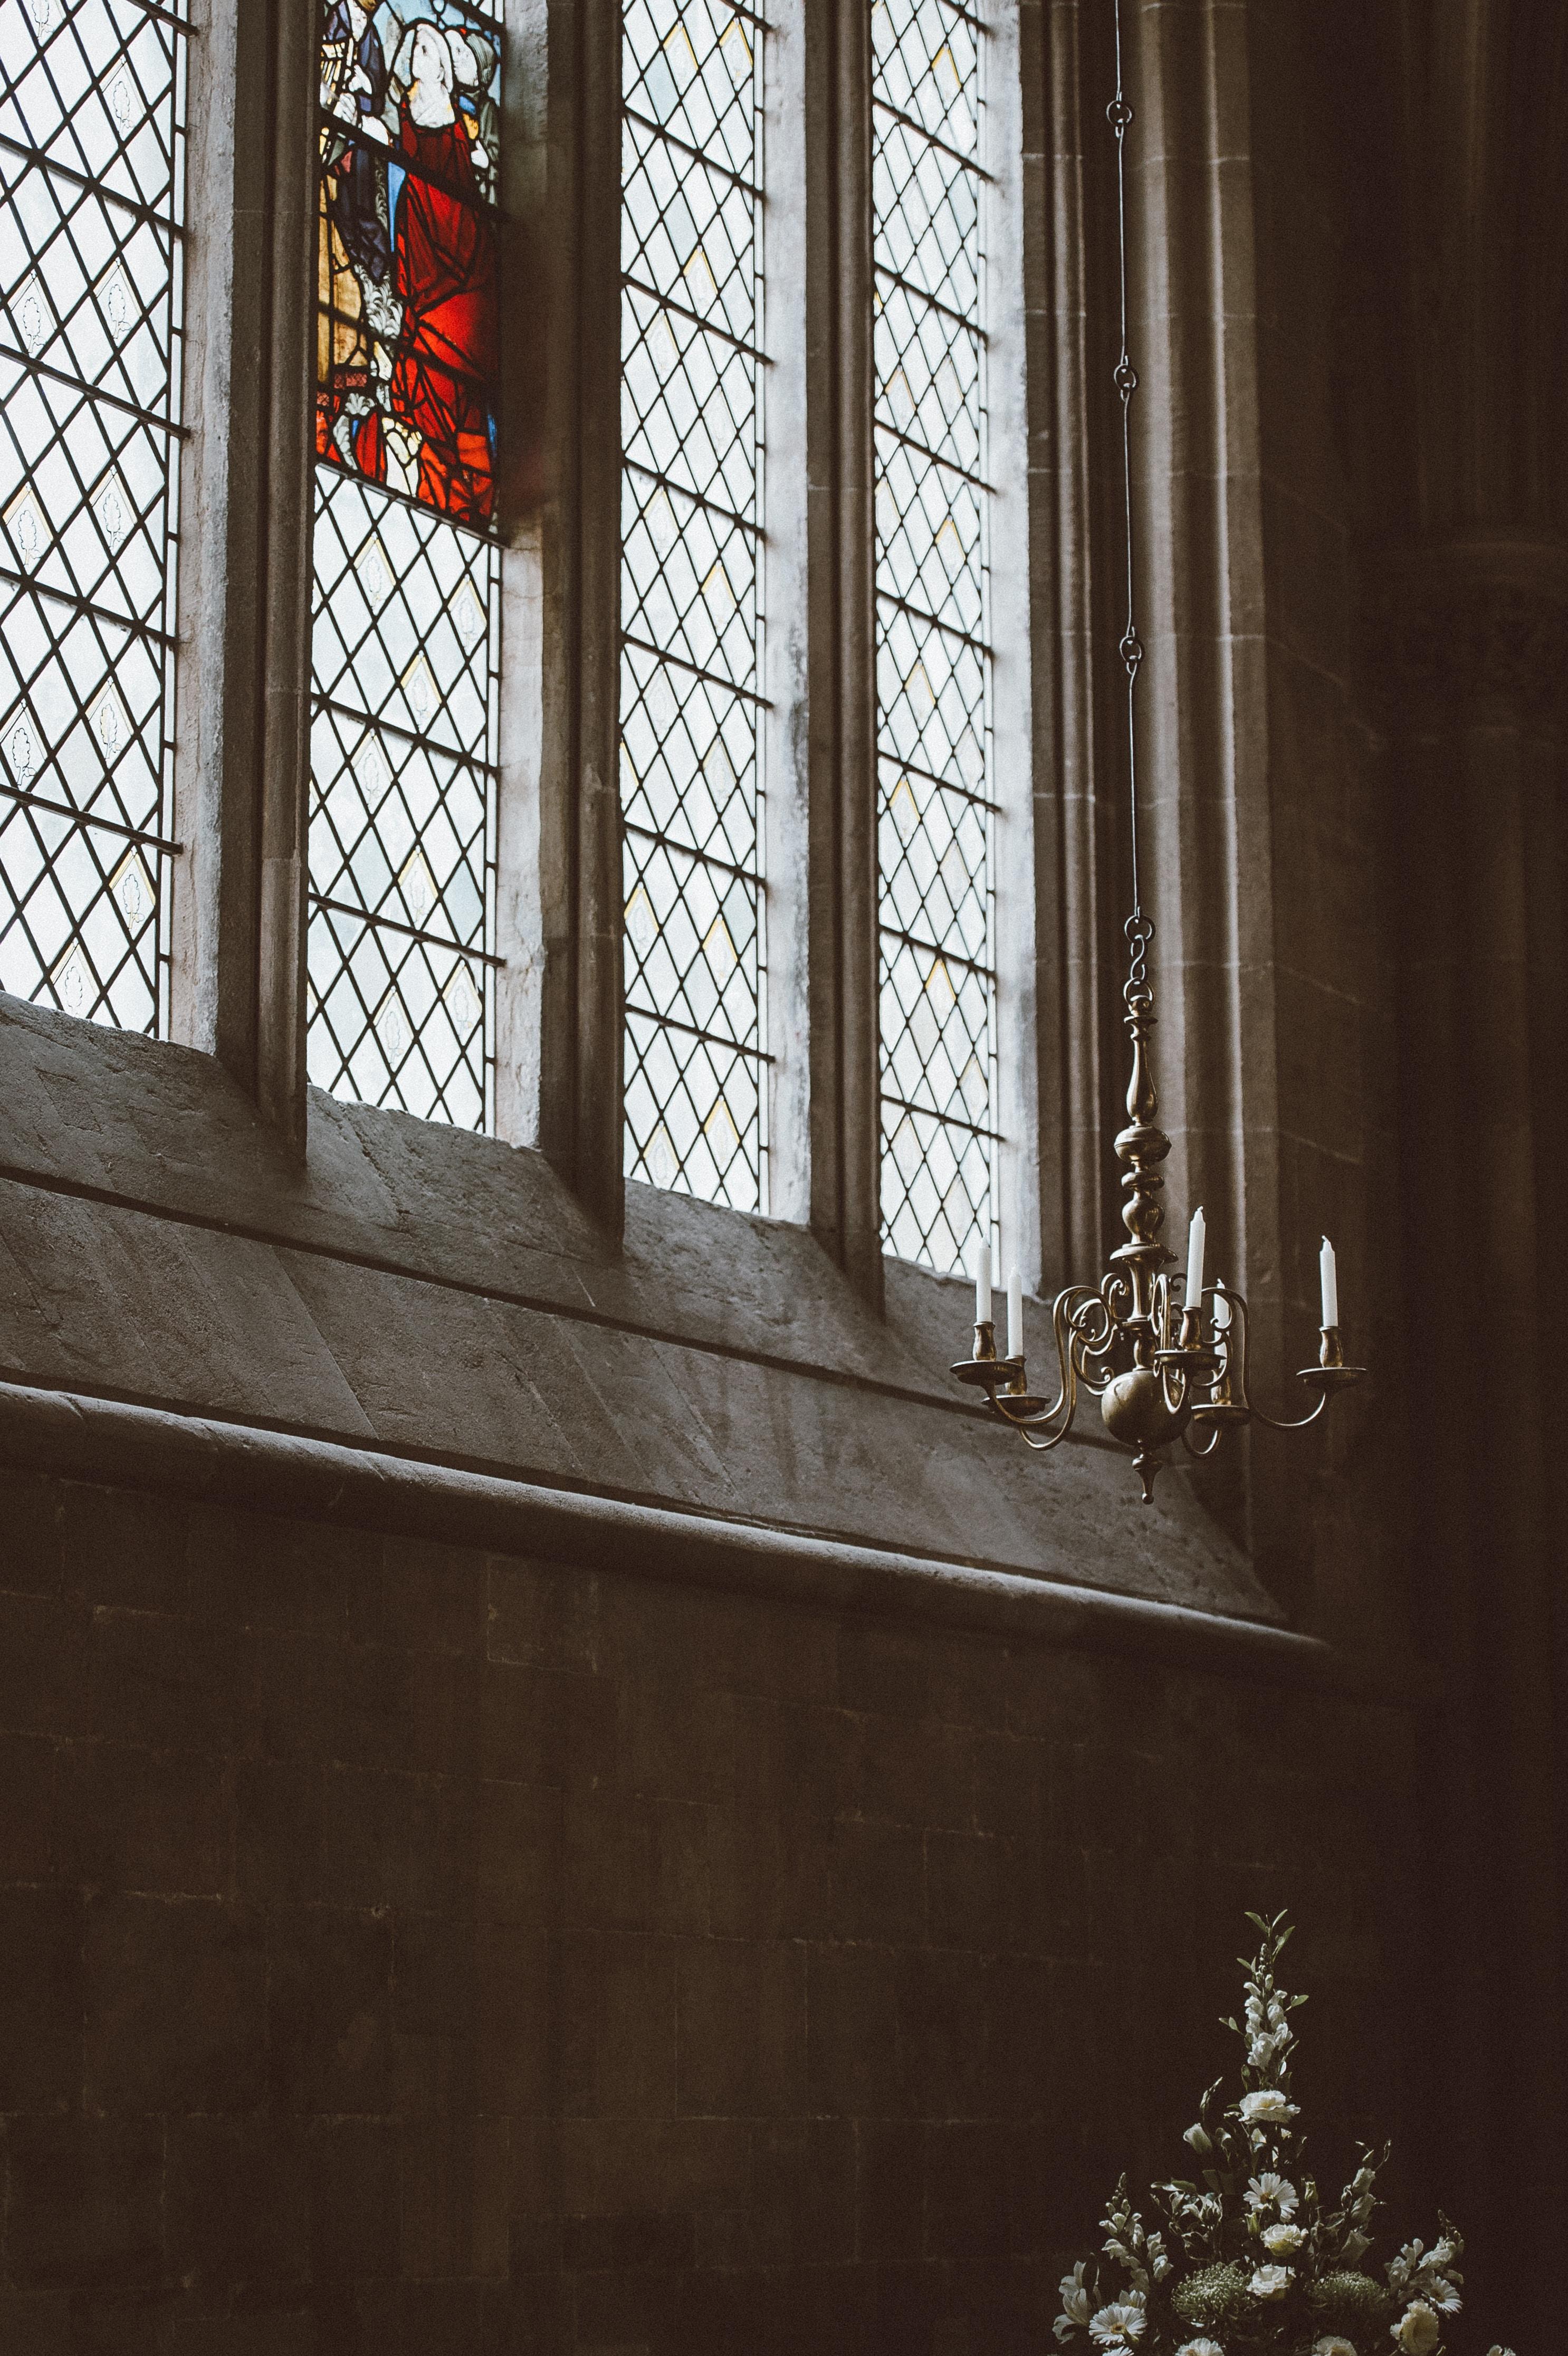 gray uplight chandelier beside window